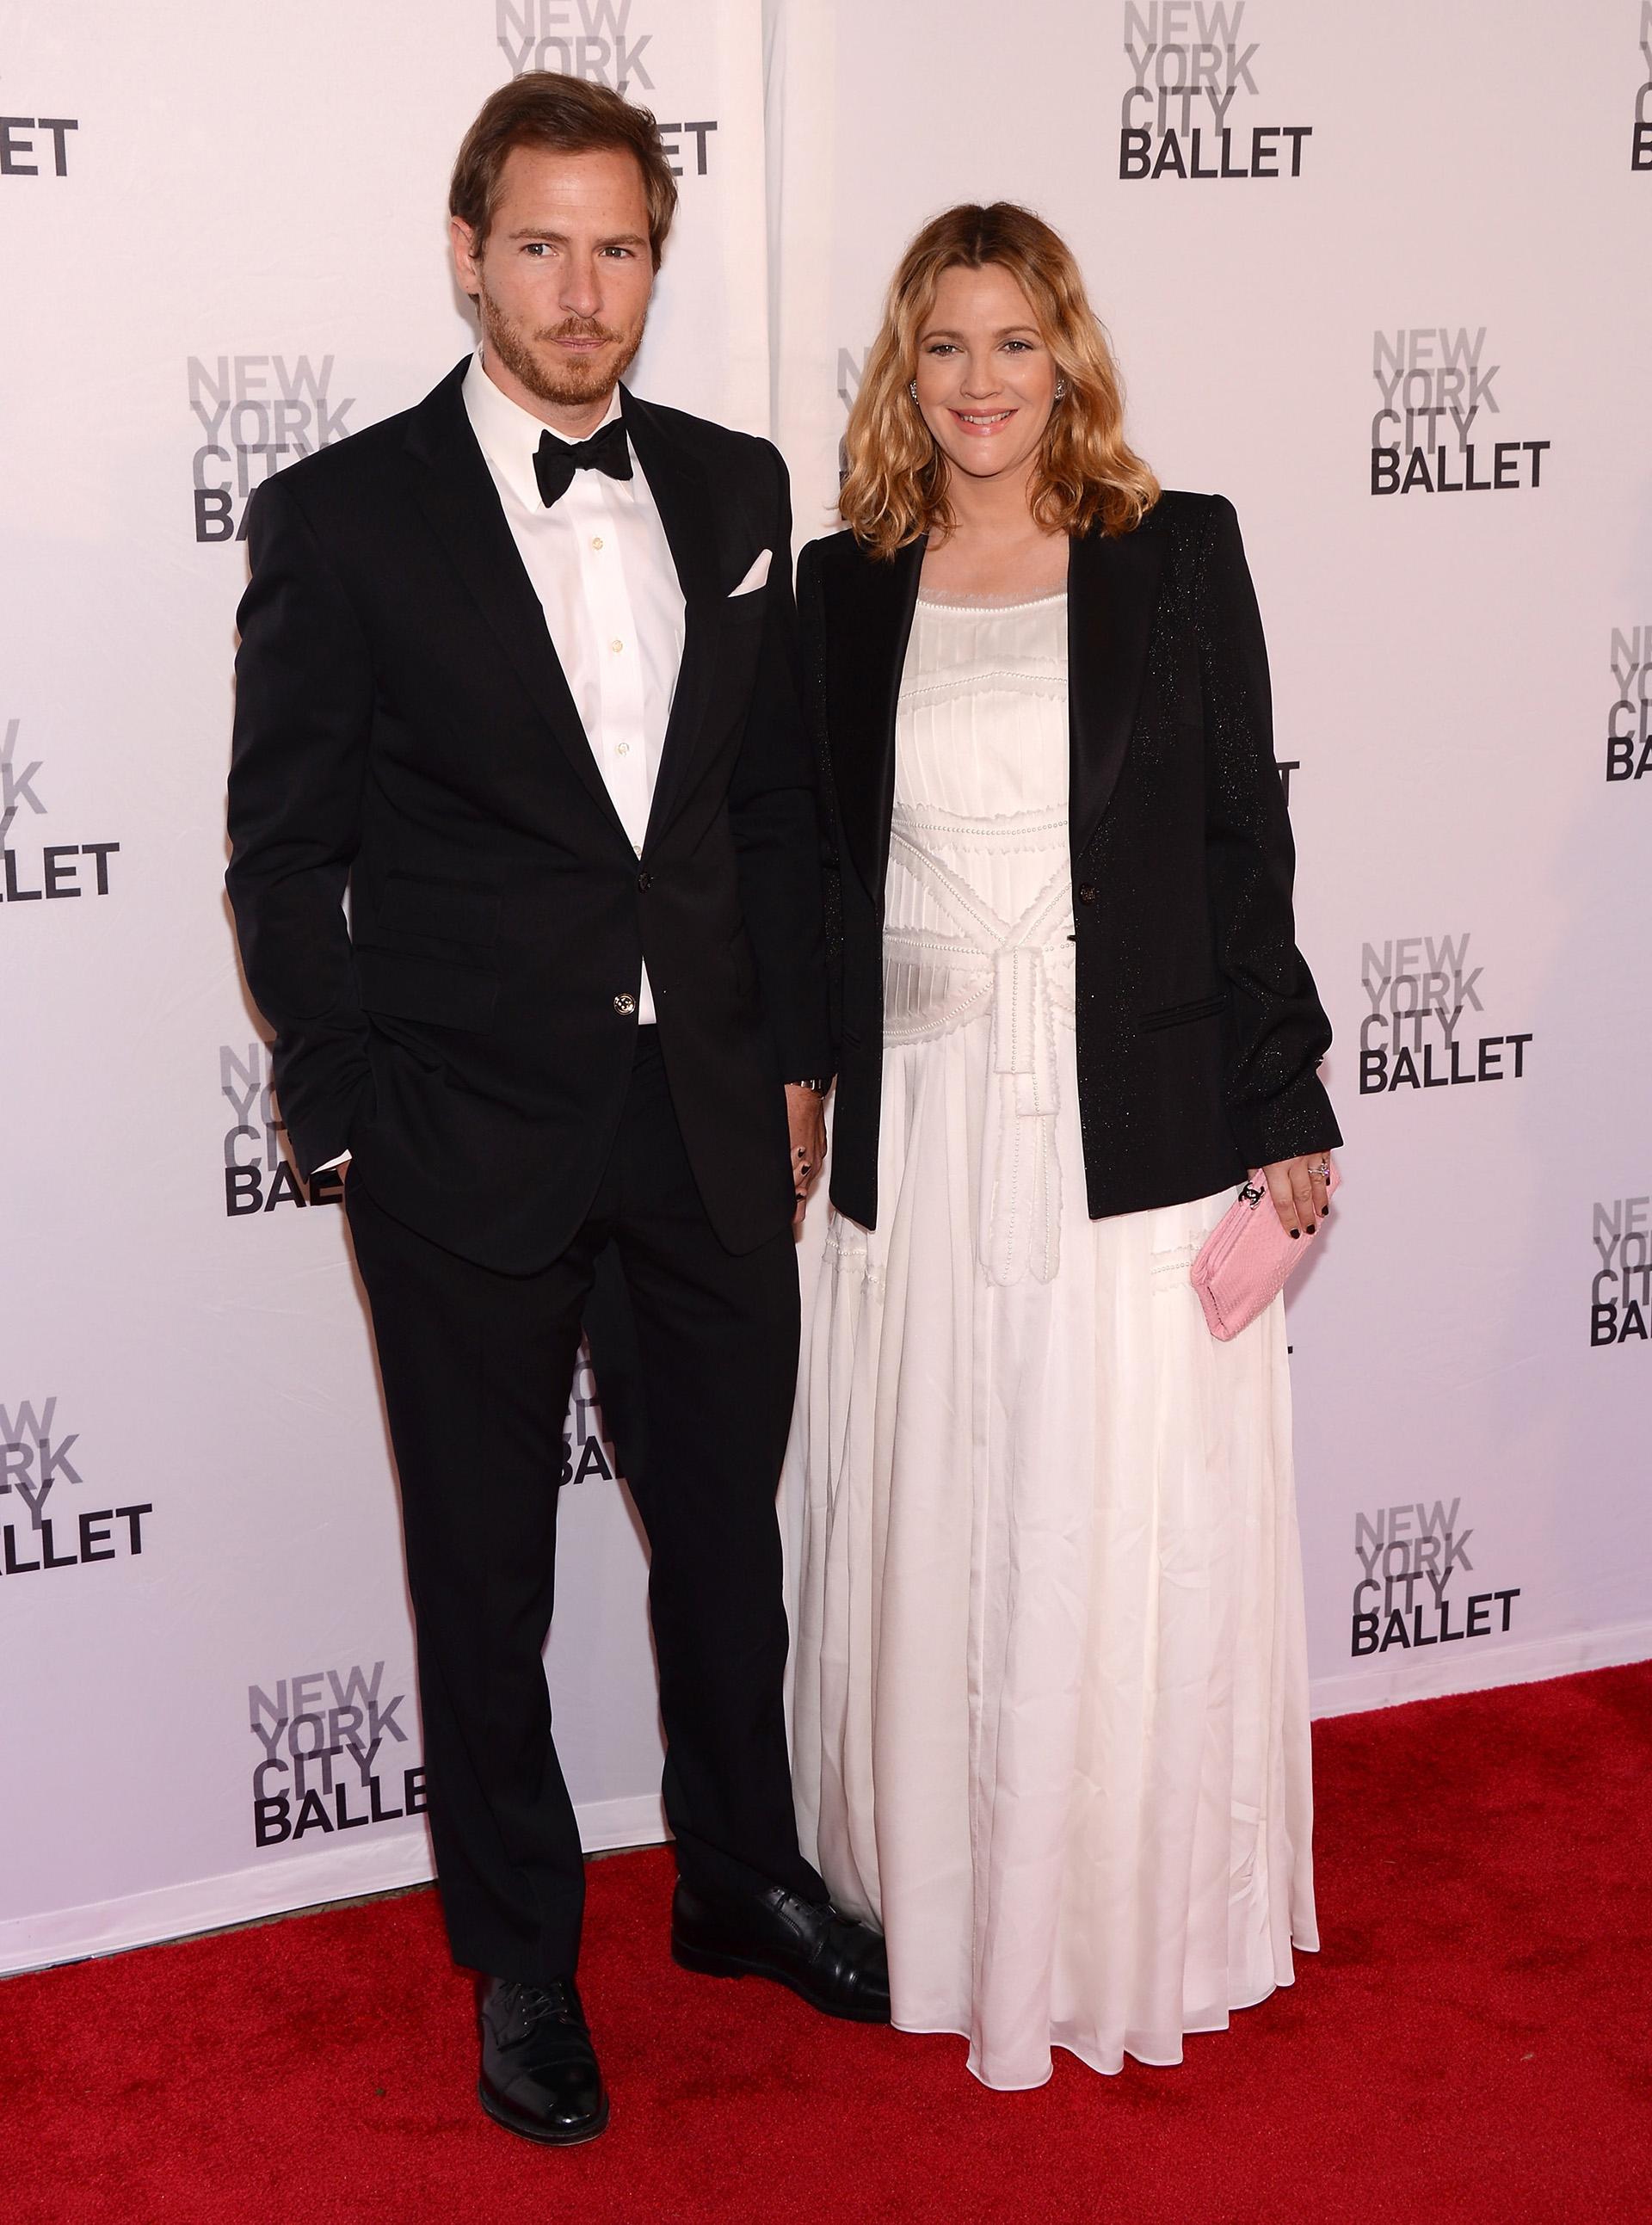 Drew Barrymore terminó este año con Will Kopelman, padre de sus dos hijos. Es el tercer divorcio de la actriz, quien estuvo casada anteriormente con Jeremy Thomas y Tom Green.